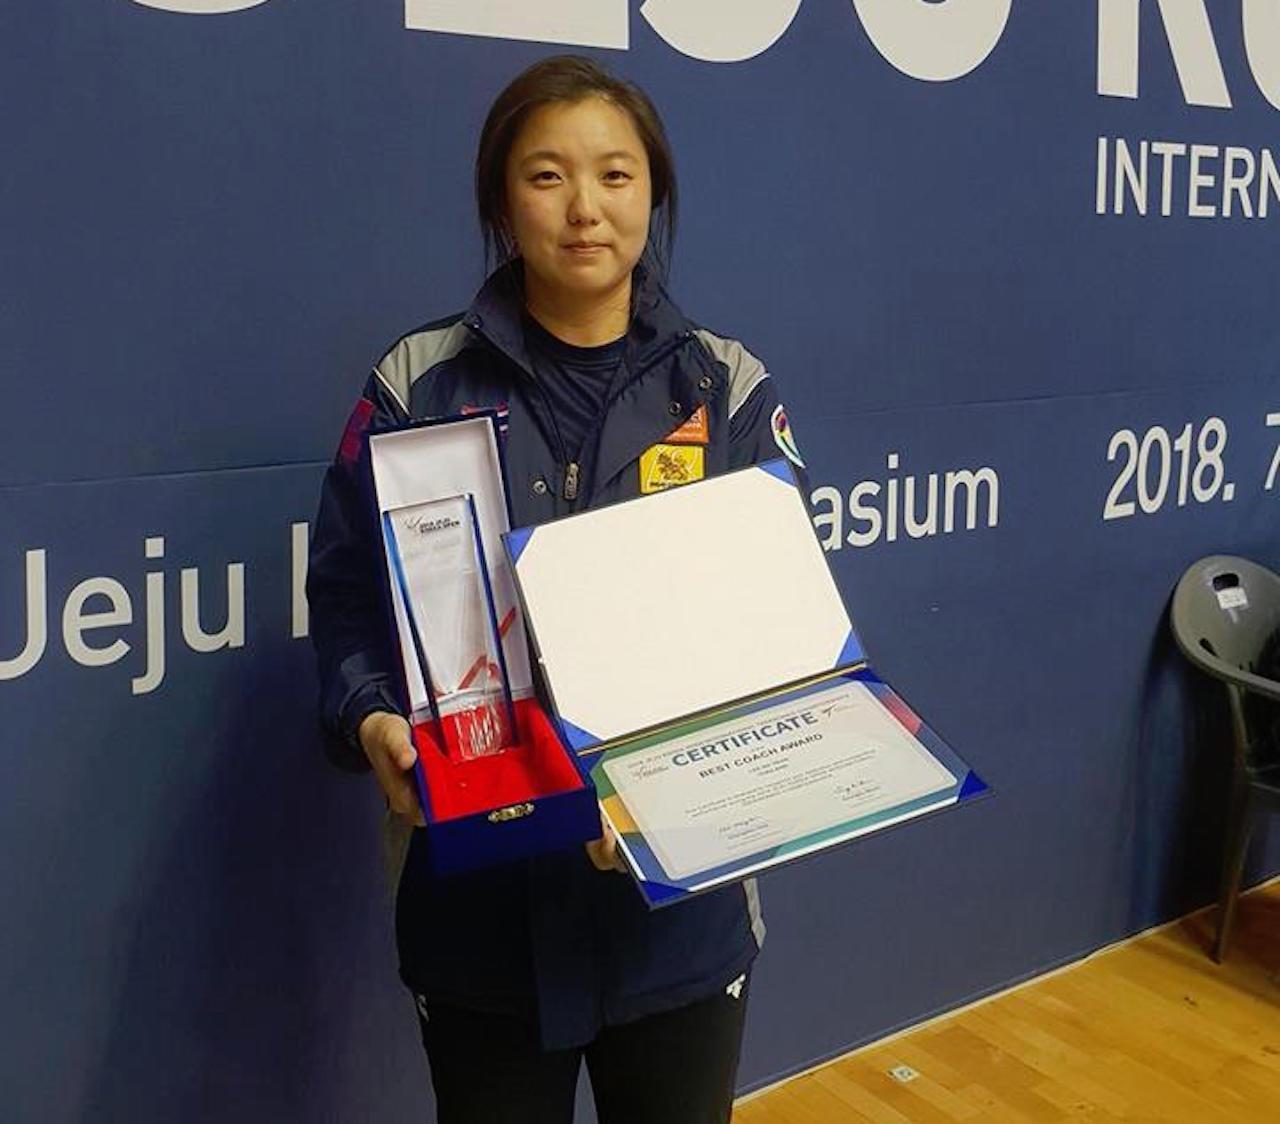 รางวัลโค้ชยอดเยี่ยม จากการแข่งขันเทควันโด